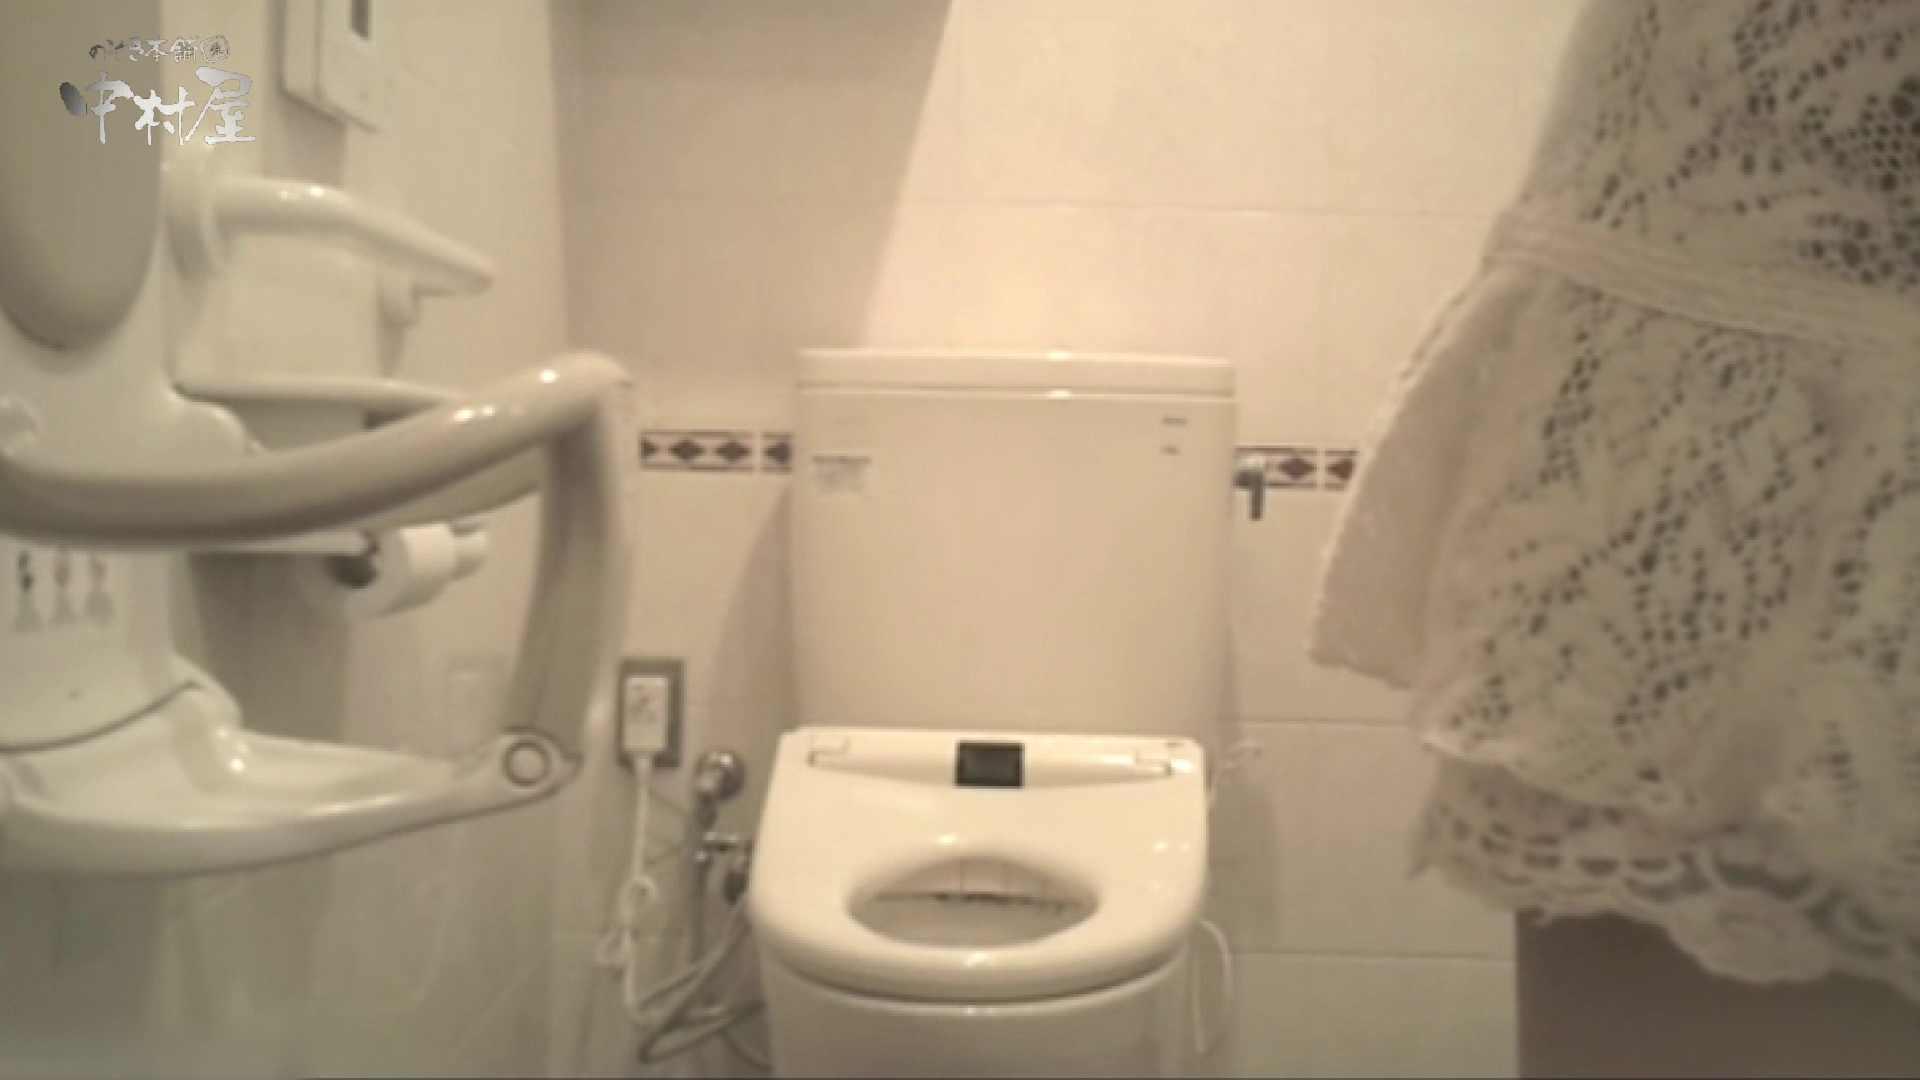 ティーンガールのトイレ覗き‼vol.19 美女まとめ ヌード画像 111PIX 26